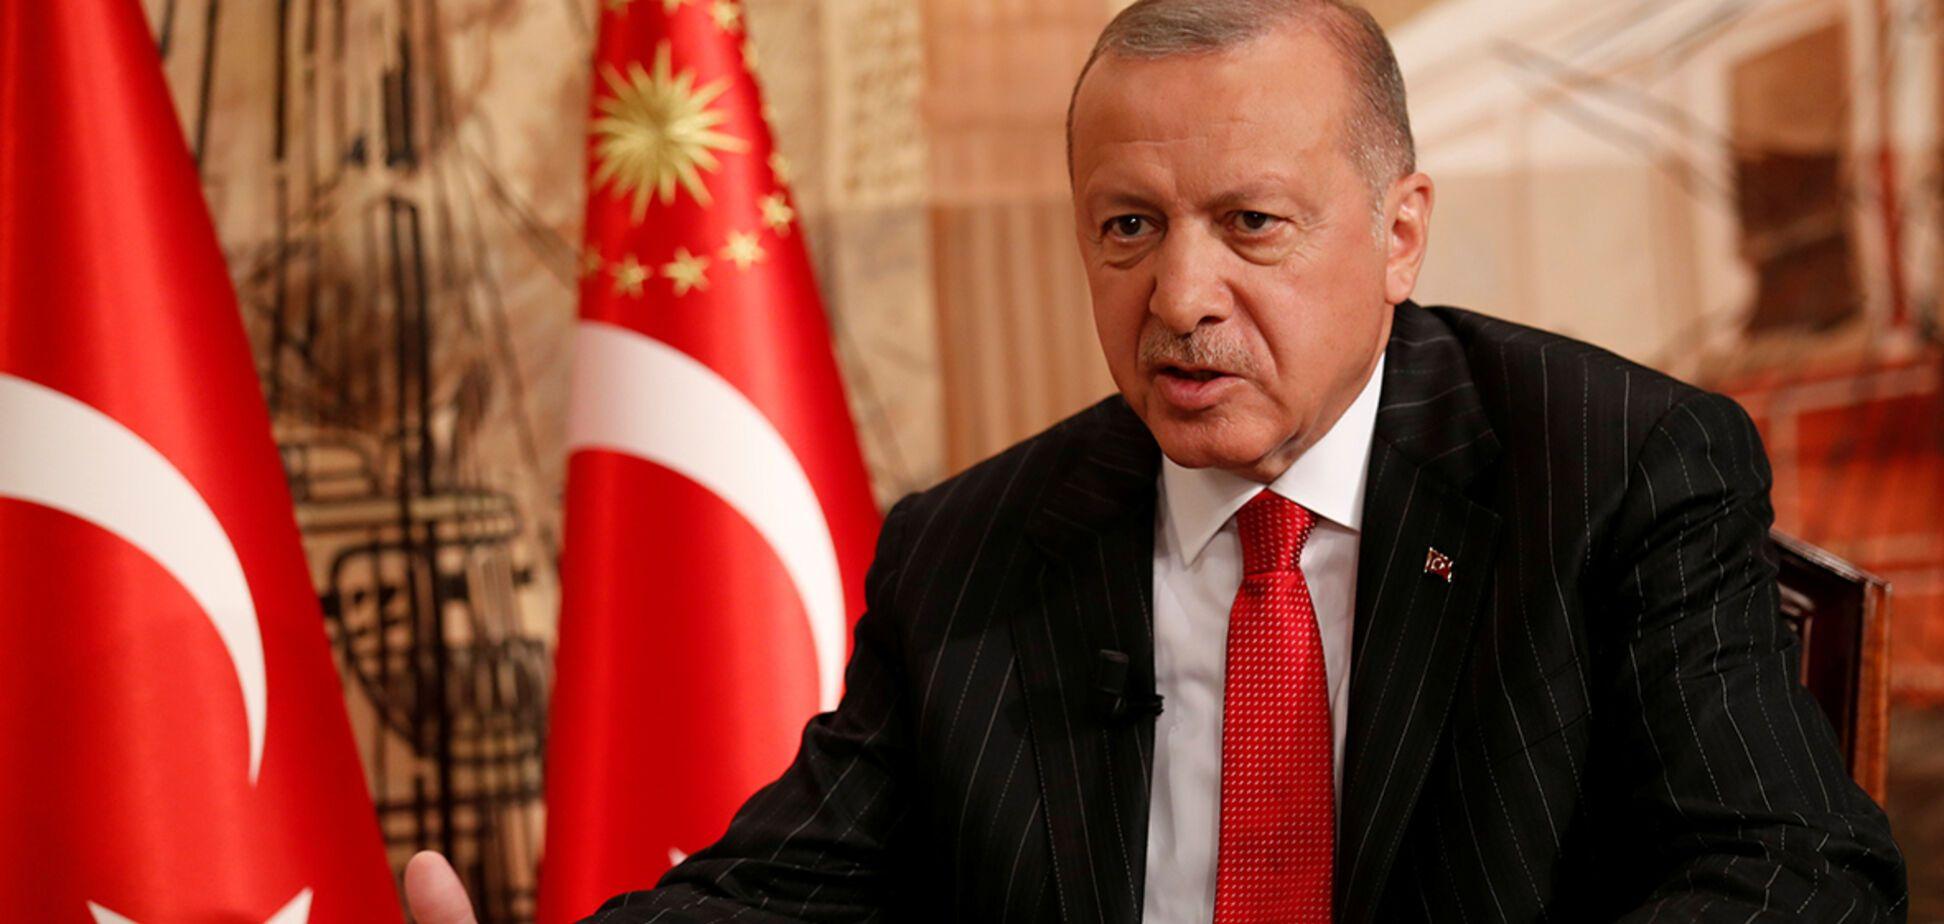 Пандемия коронавируса. Как Турция спасает людей и экономику